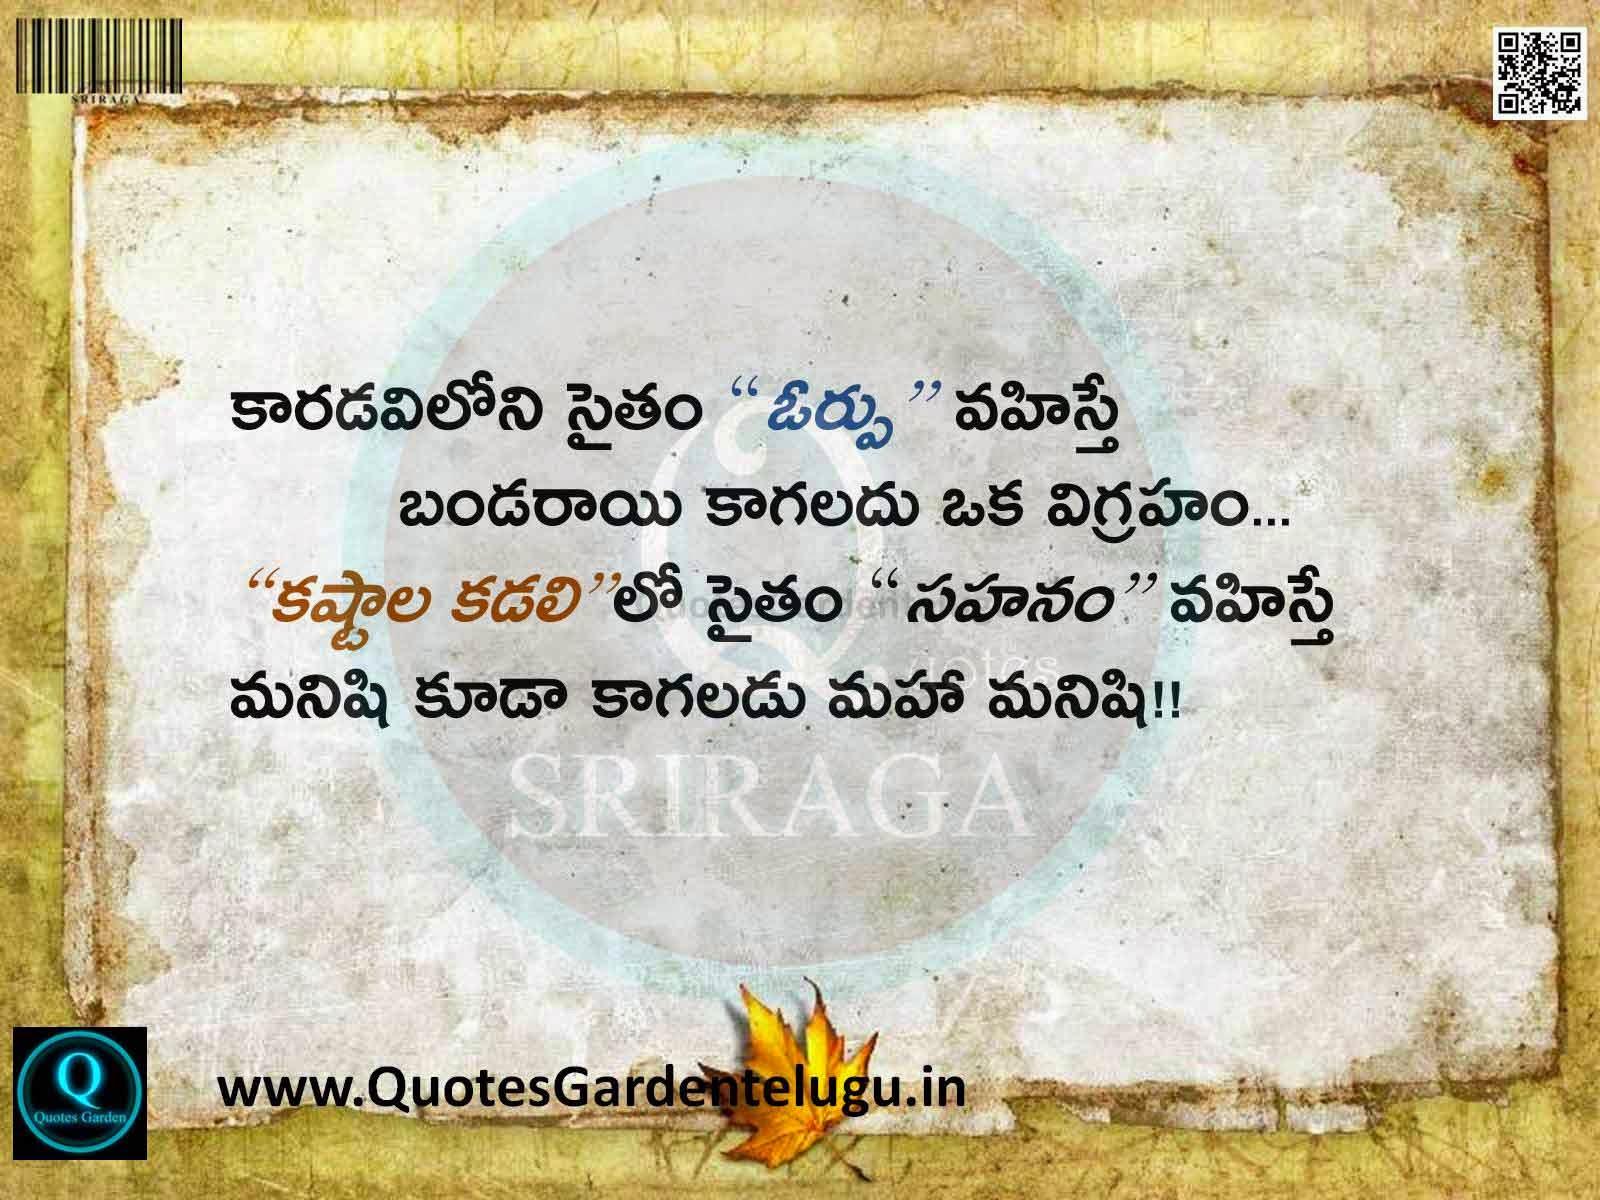 Images Of Best Telugu Life Quotes Calto